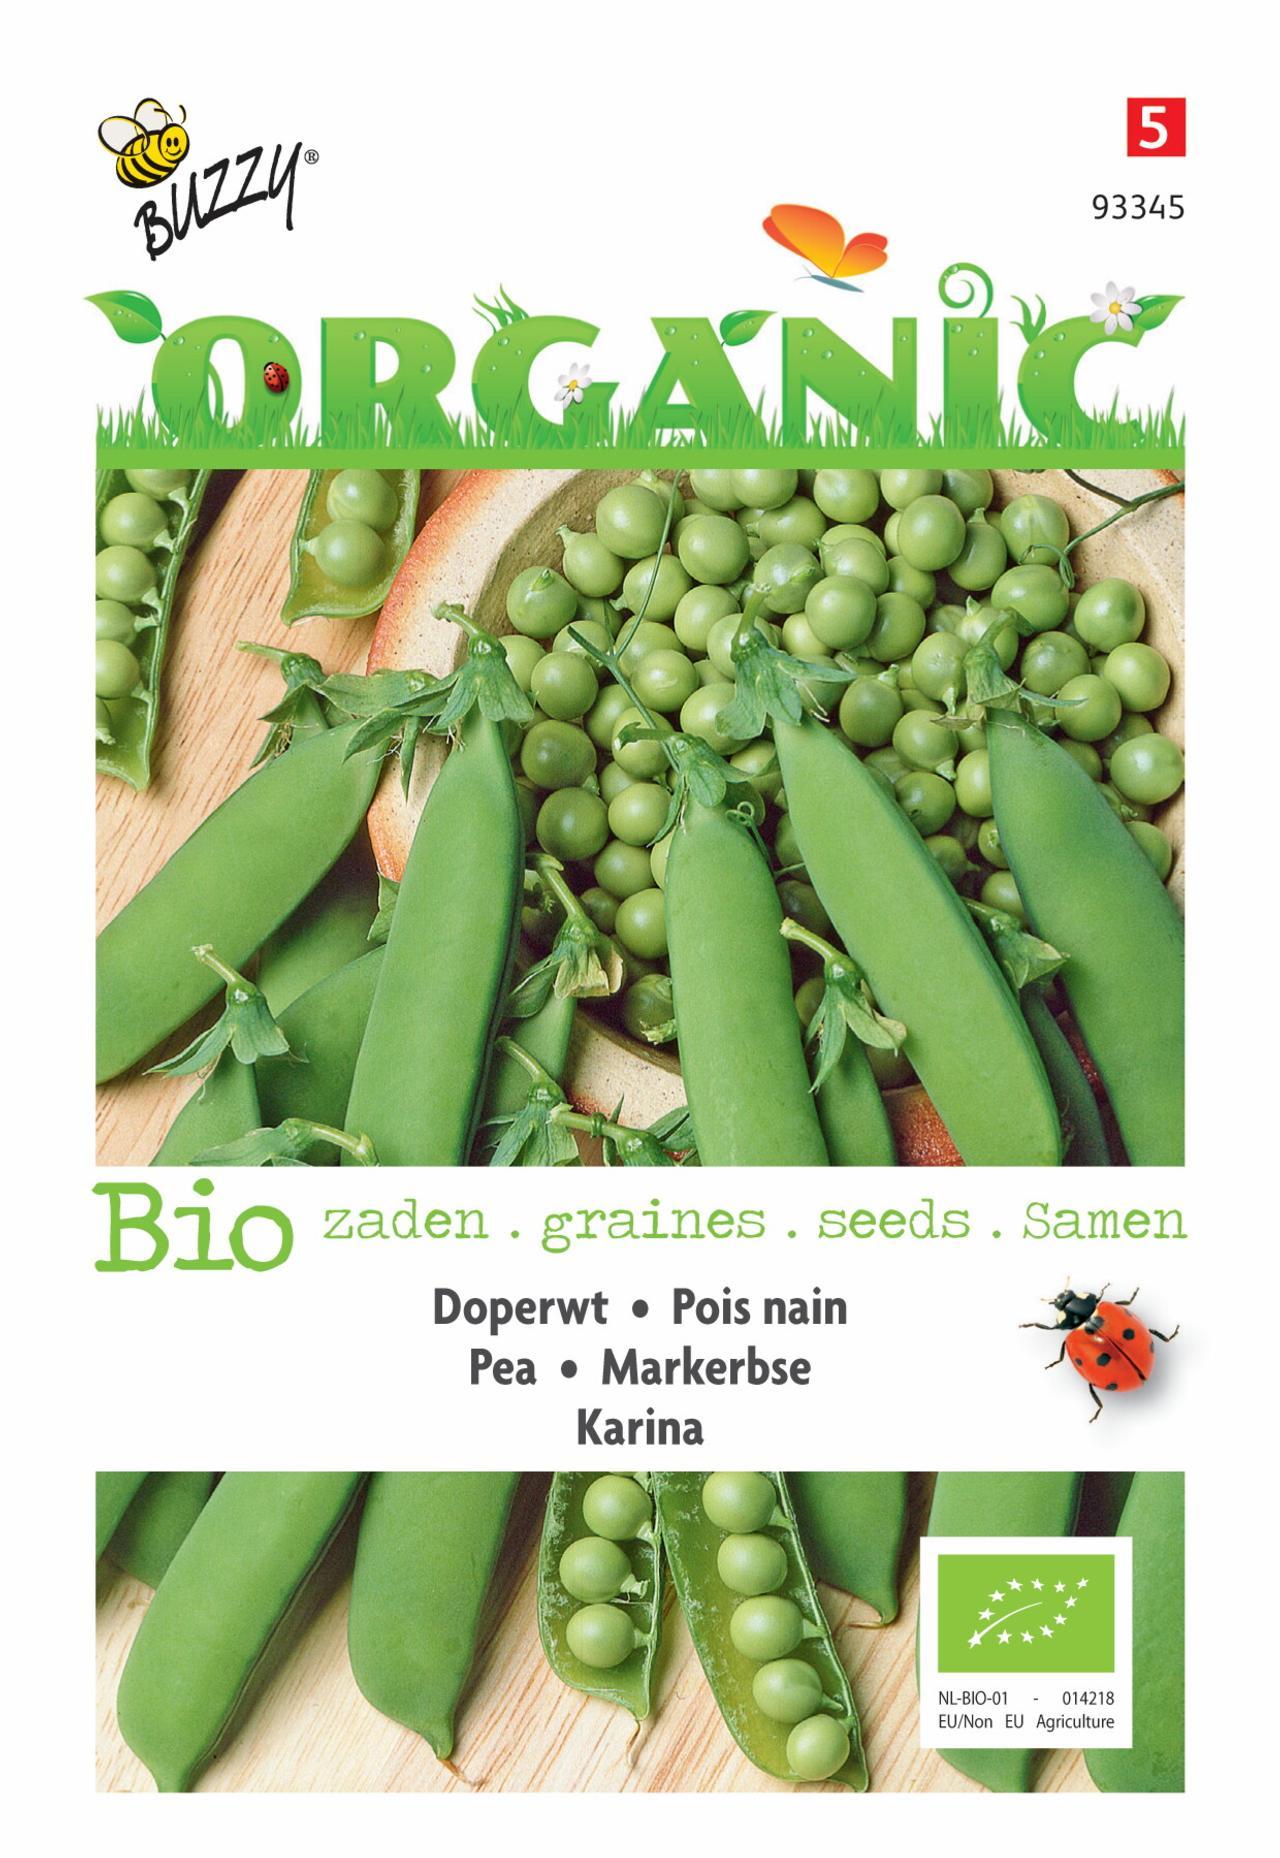 Pisum sativum 'Karina' (BIO) plant